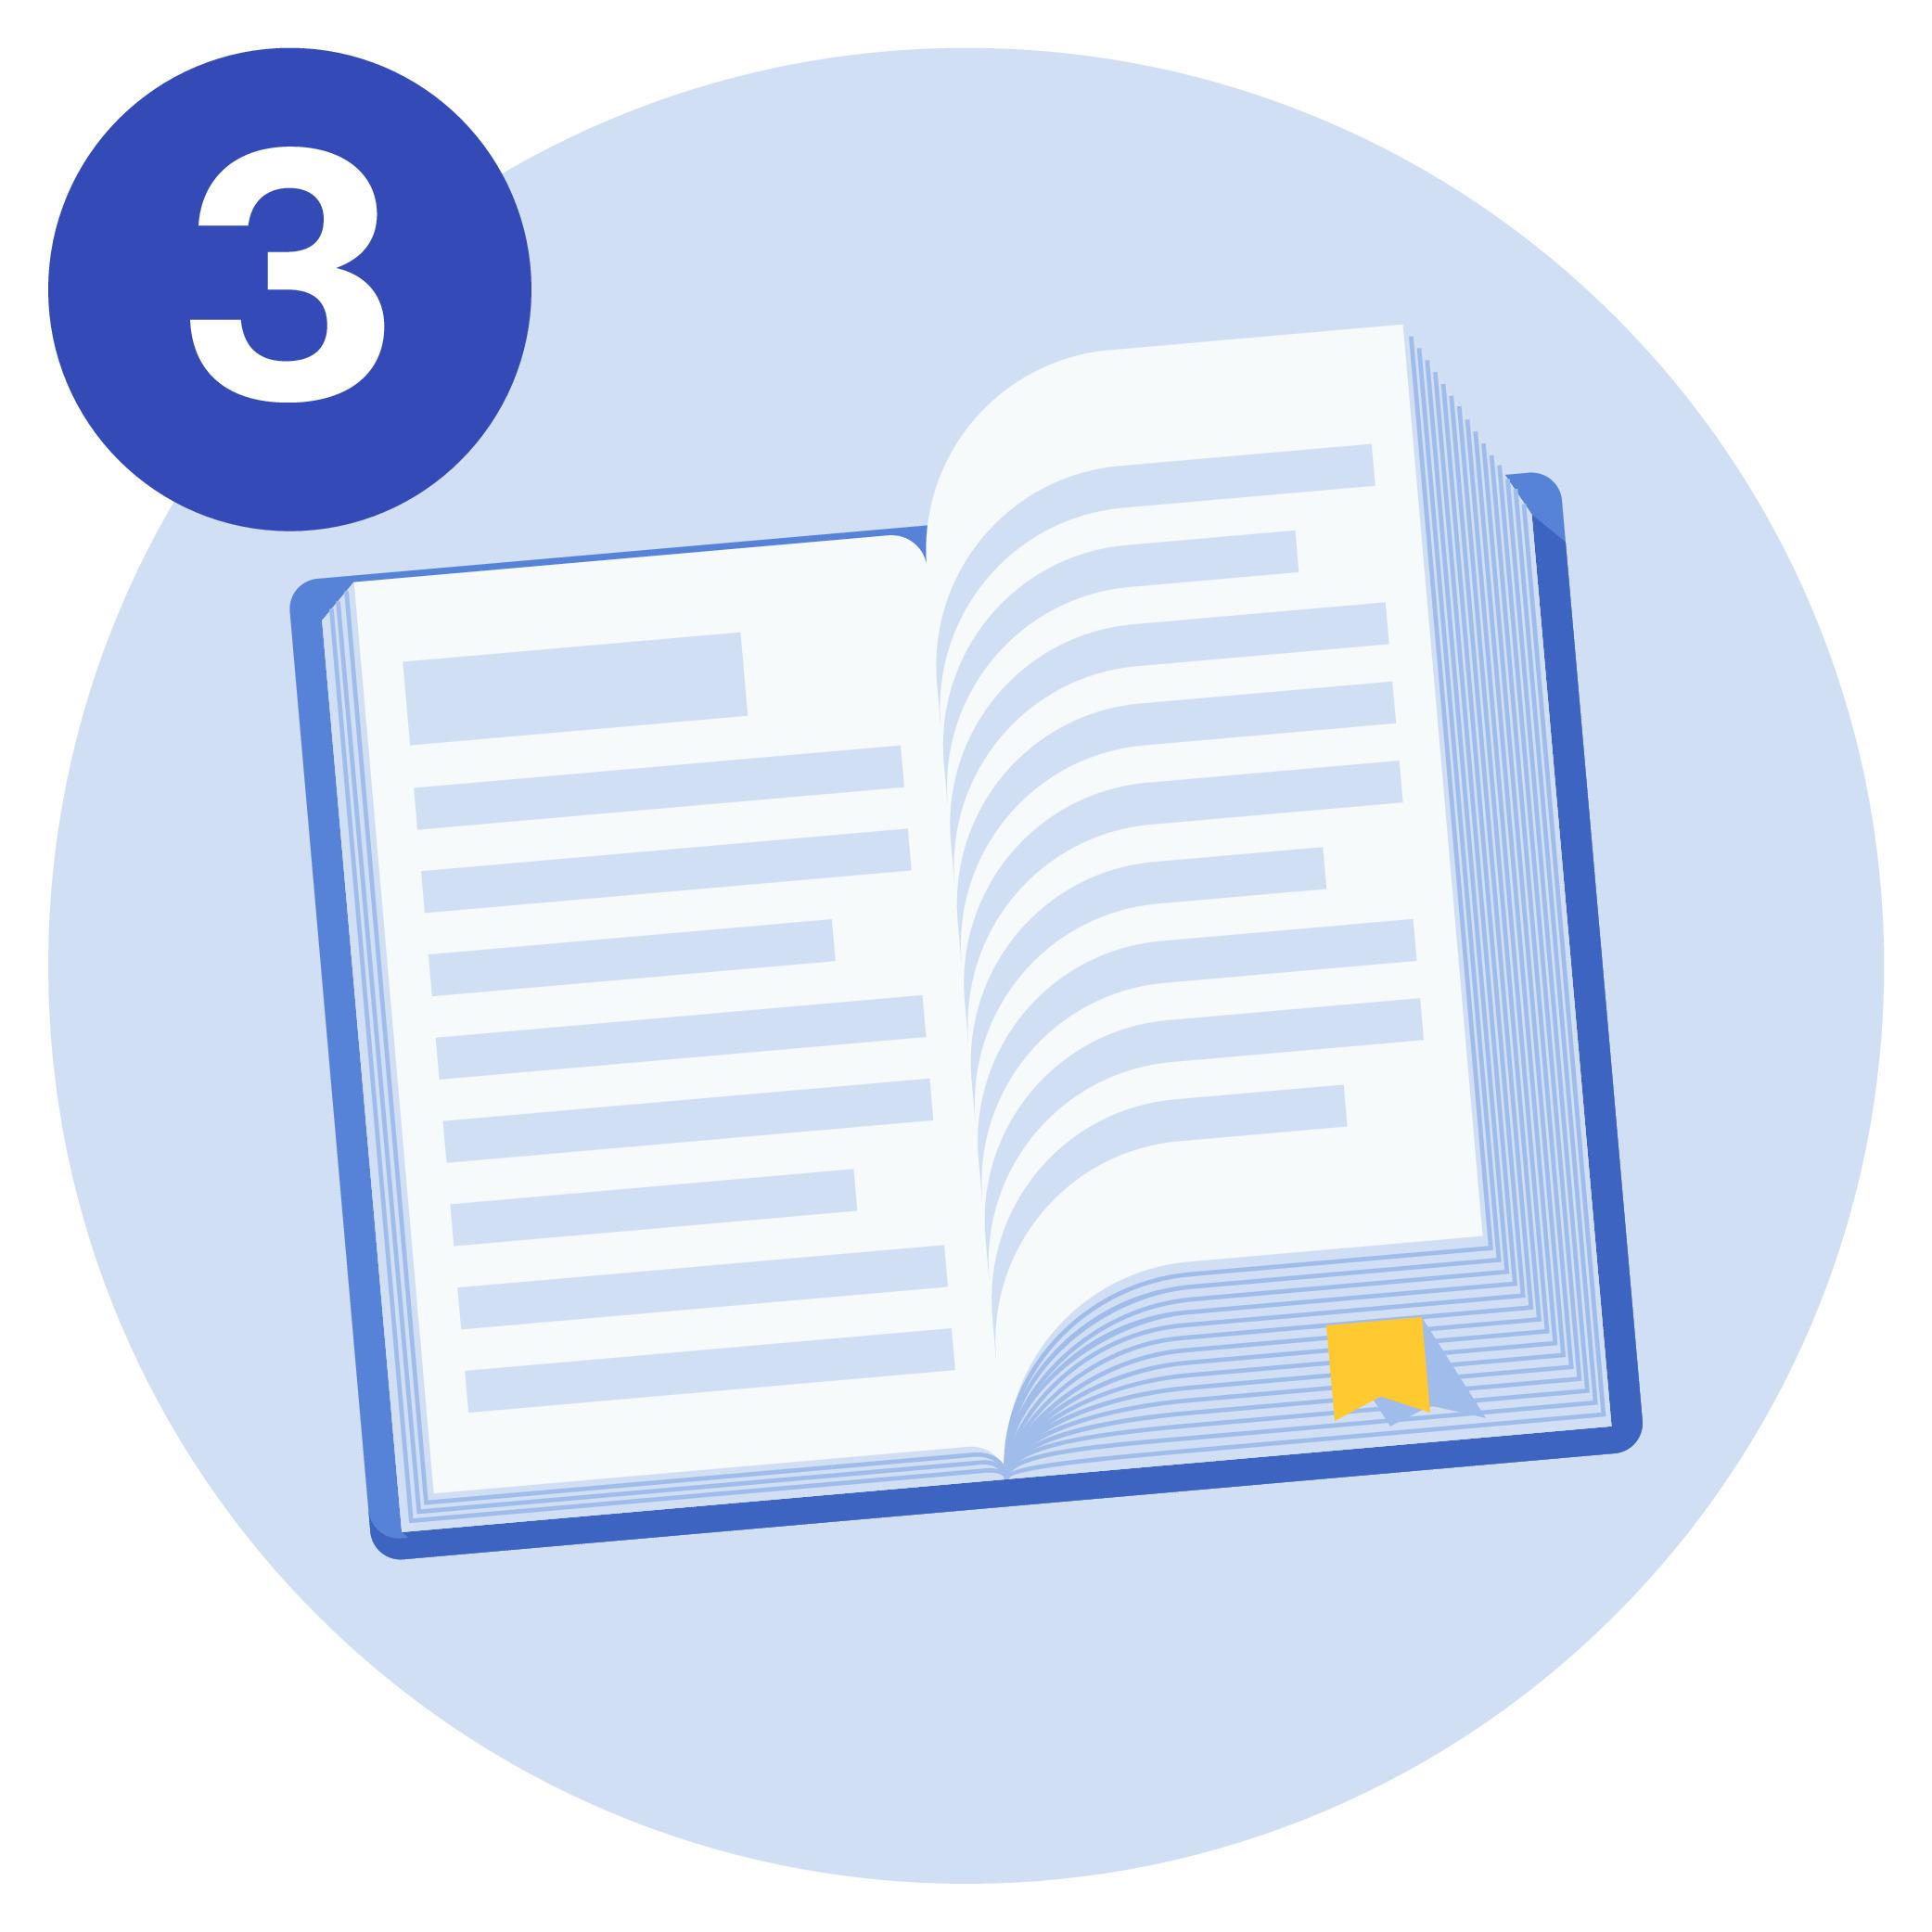 #3 A book